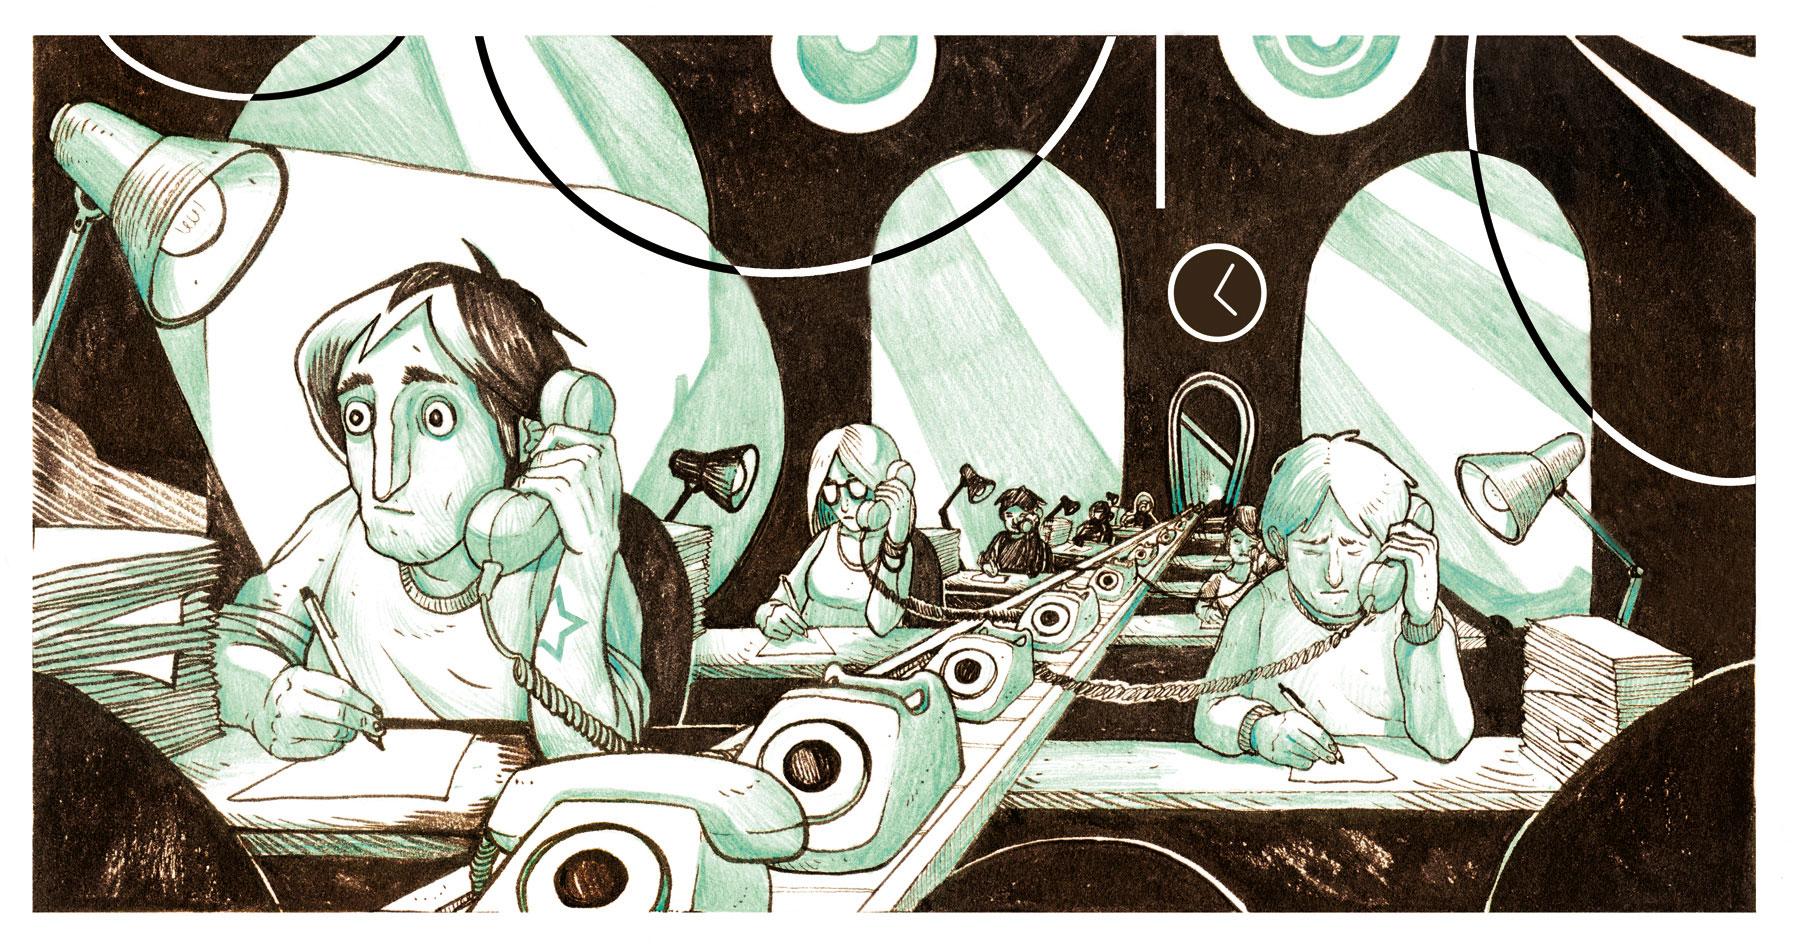 La Gran Corporación. Ilustración: Aleix Gordo Hostau / www.aleixgoho.com